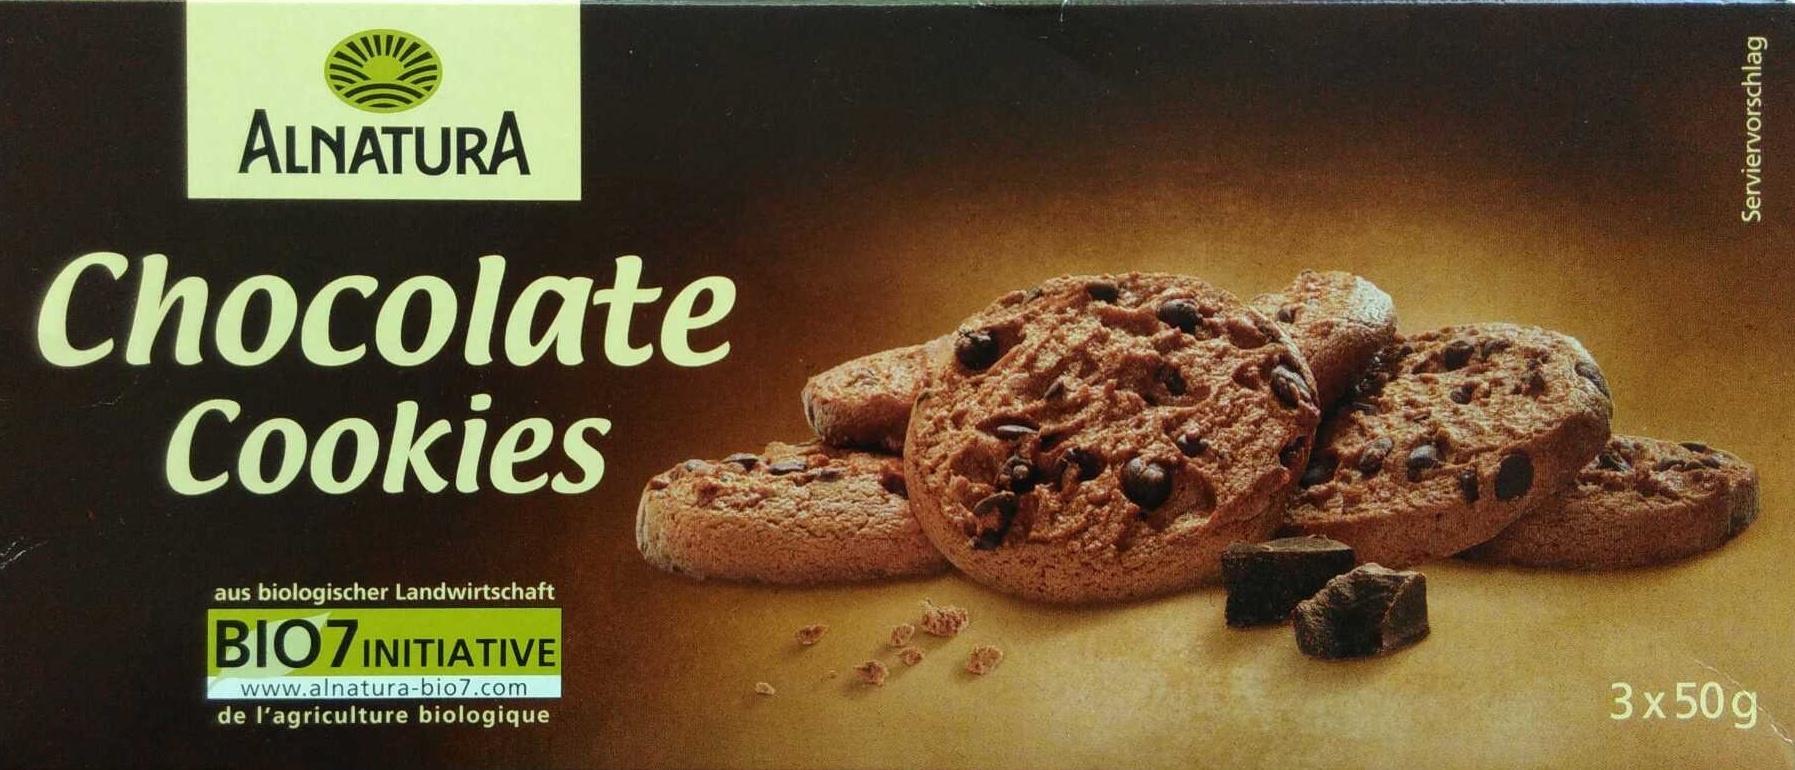 Chocolate Cookies - Produkt - de